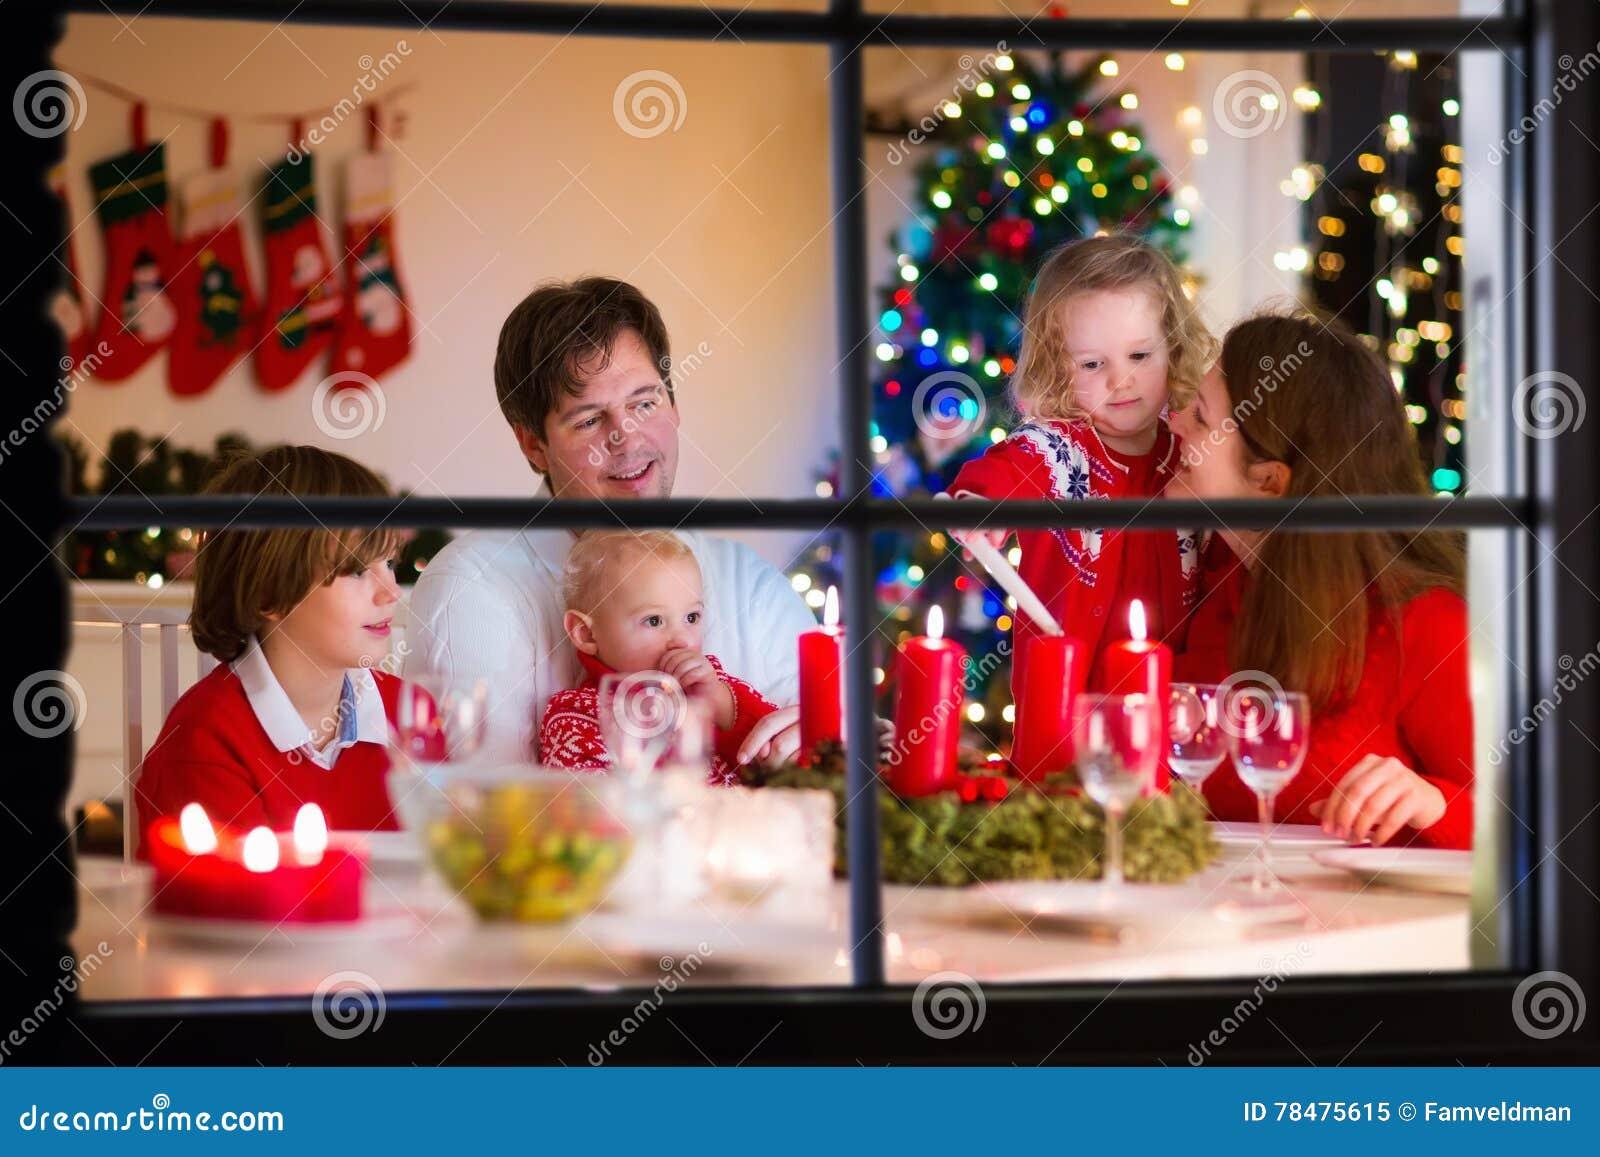 Οικογένεια με τα παιδιά στο γεύμα Χριστουγέννων στο σπίτι